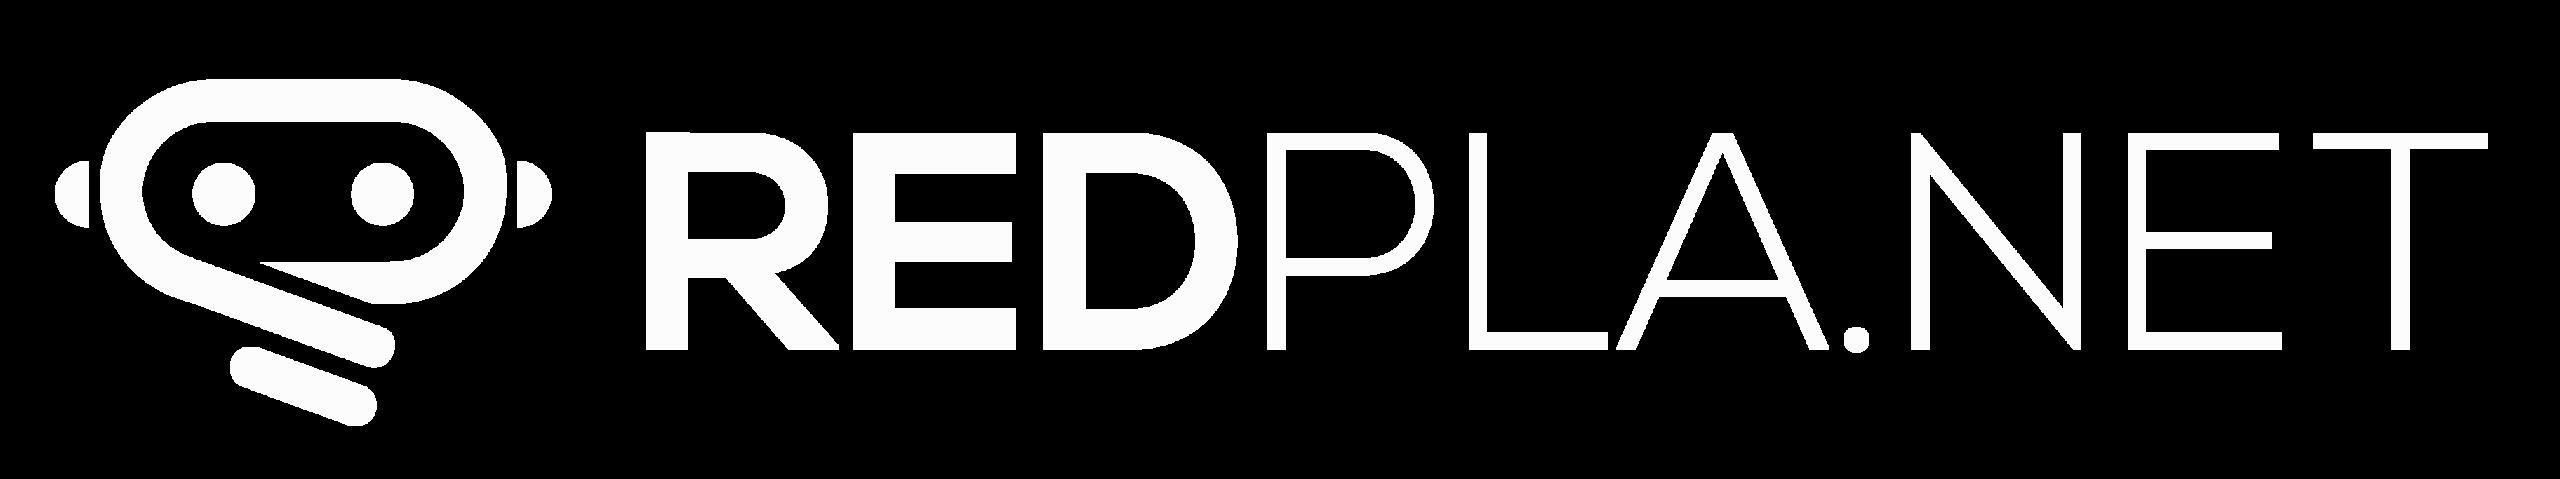 RedPla.net